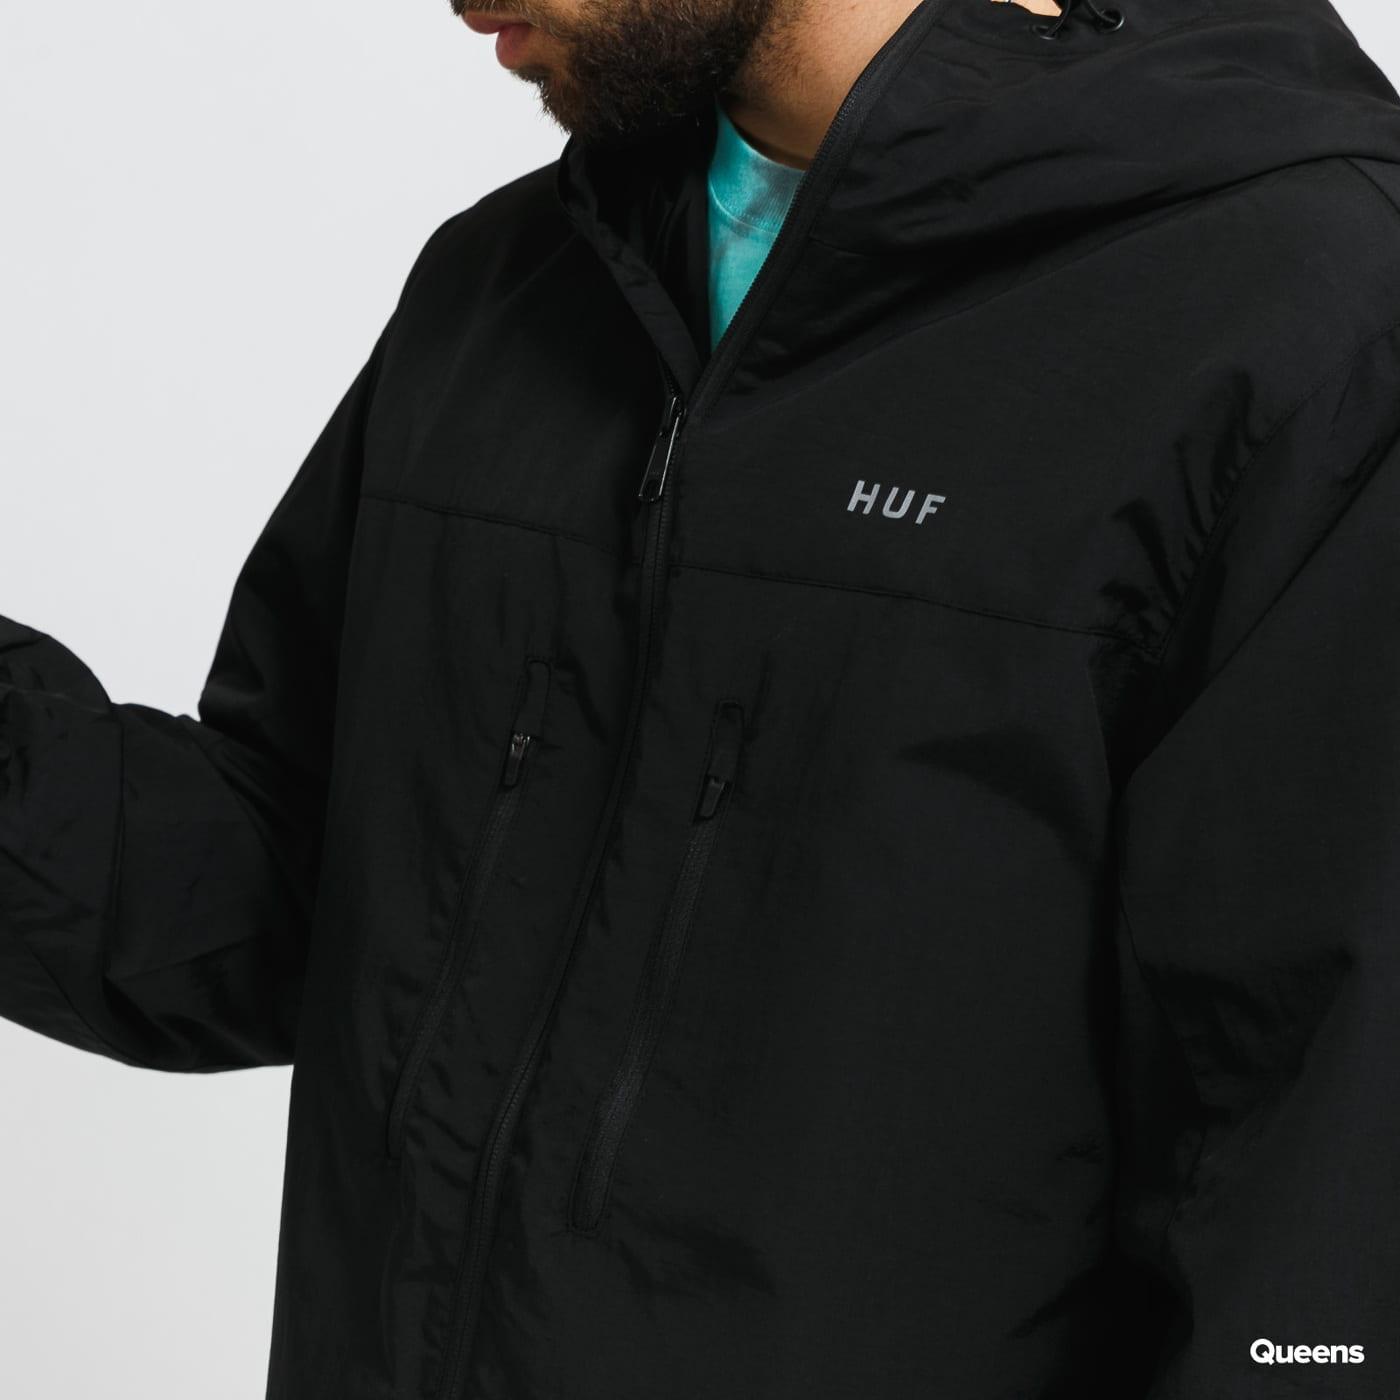 HUF Essentials Zipper Standard Shell gray / beige / pink / black